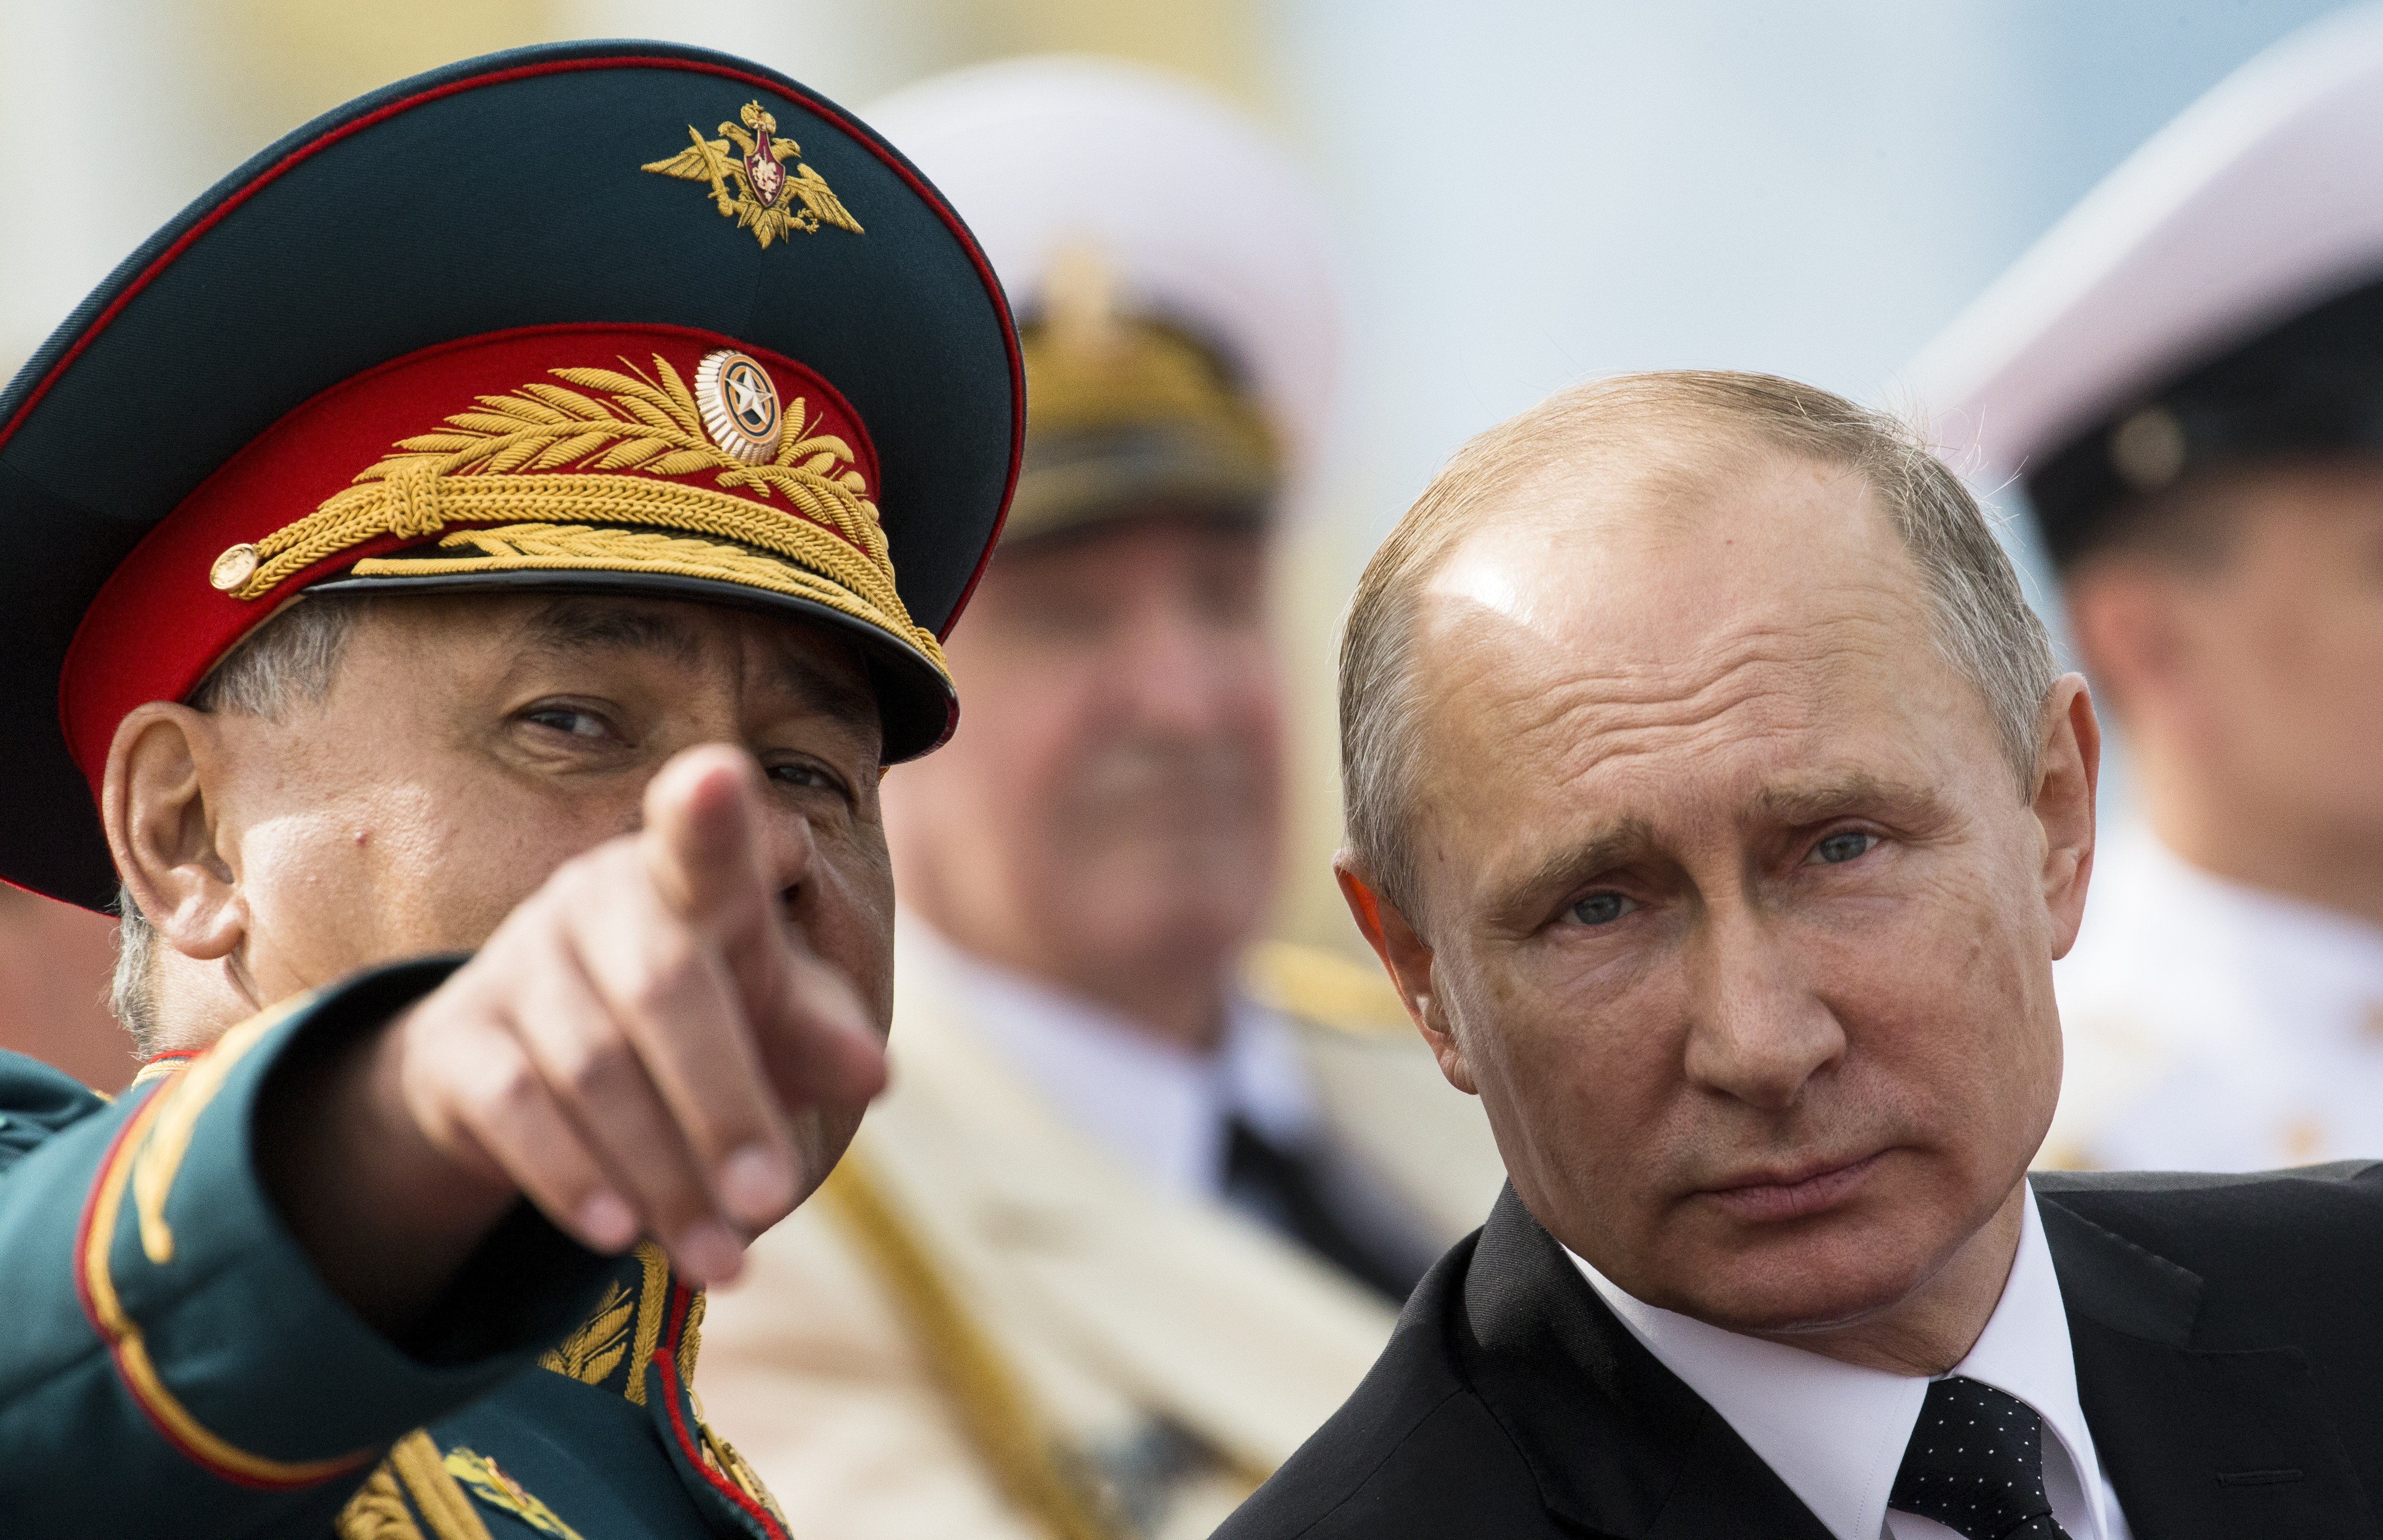 Moszkva elkezdi kivonni az Olaszországba küldött katonákat